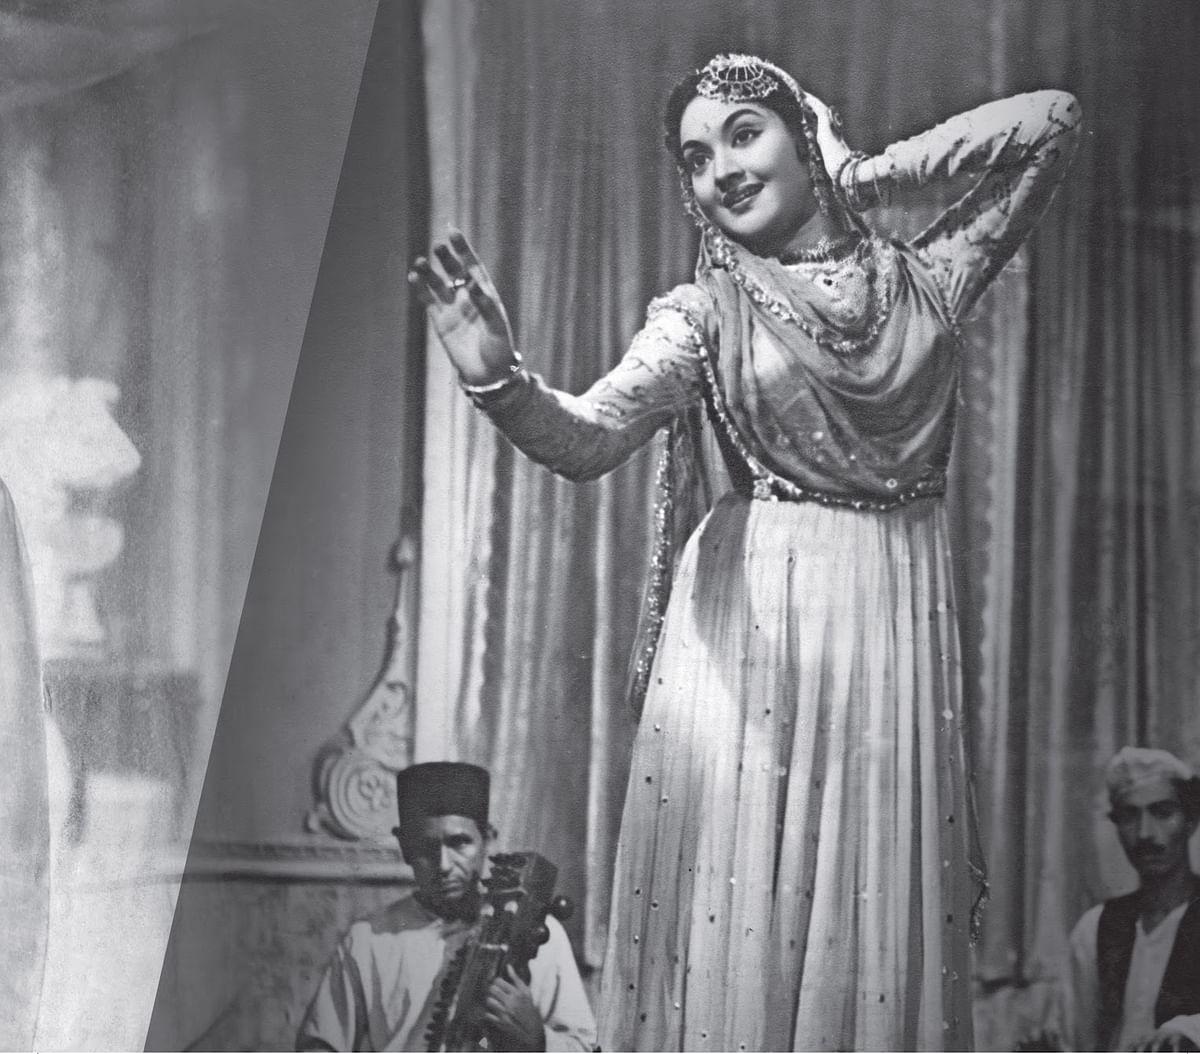 Vyjayanthimala played Chandramukhi in Bimal Roy's <i>Devdas</i>.